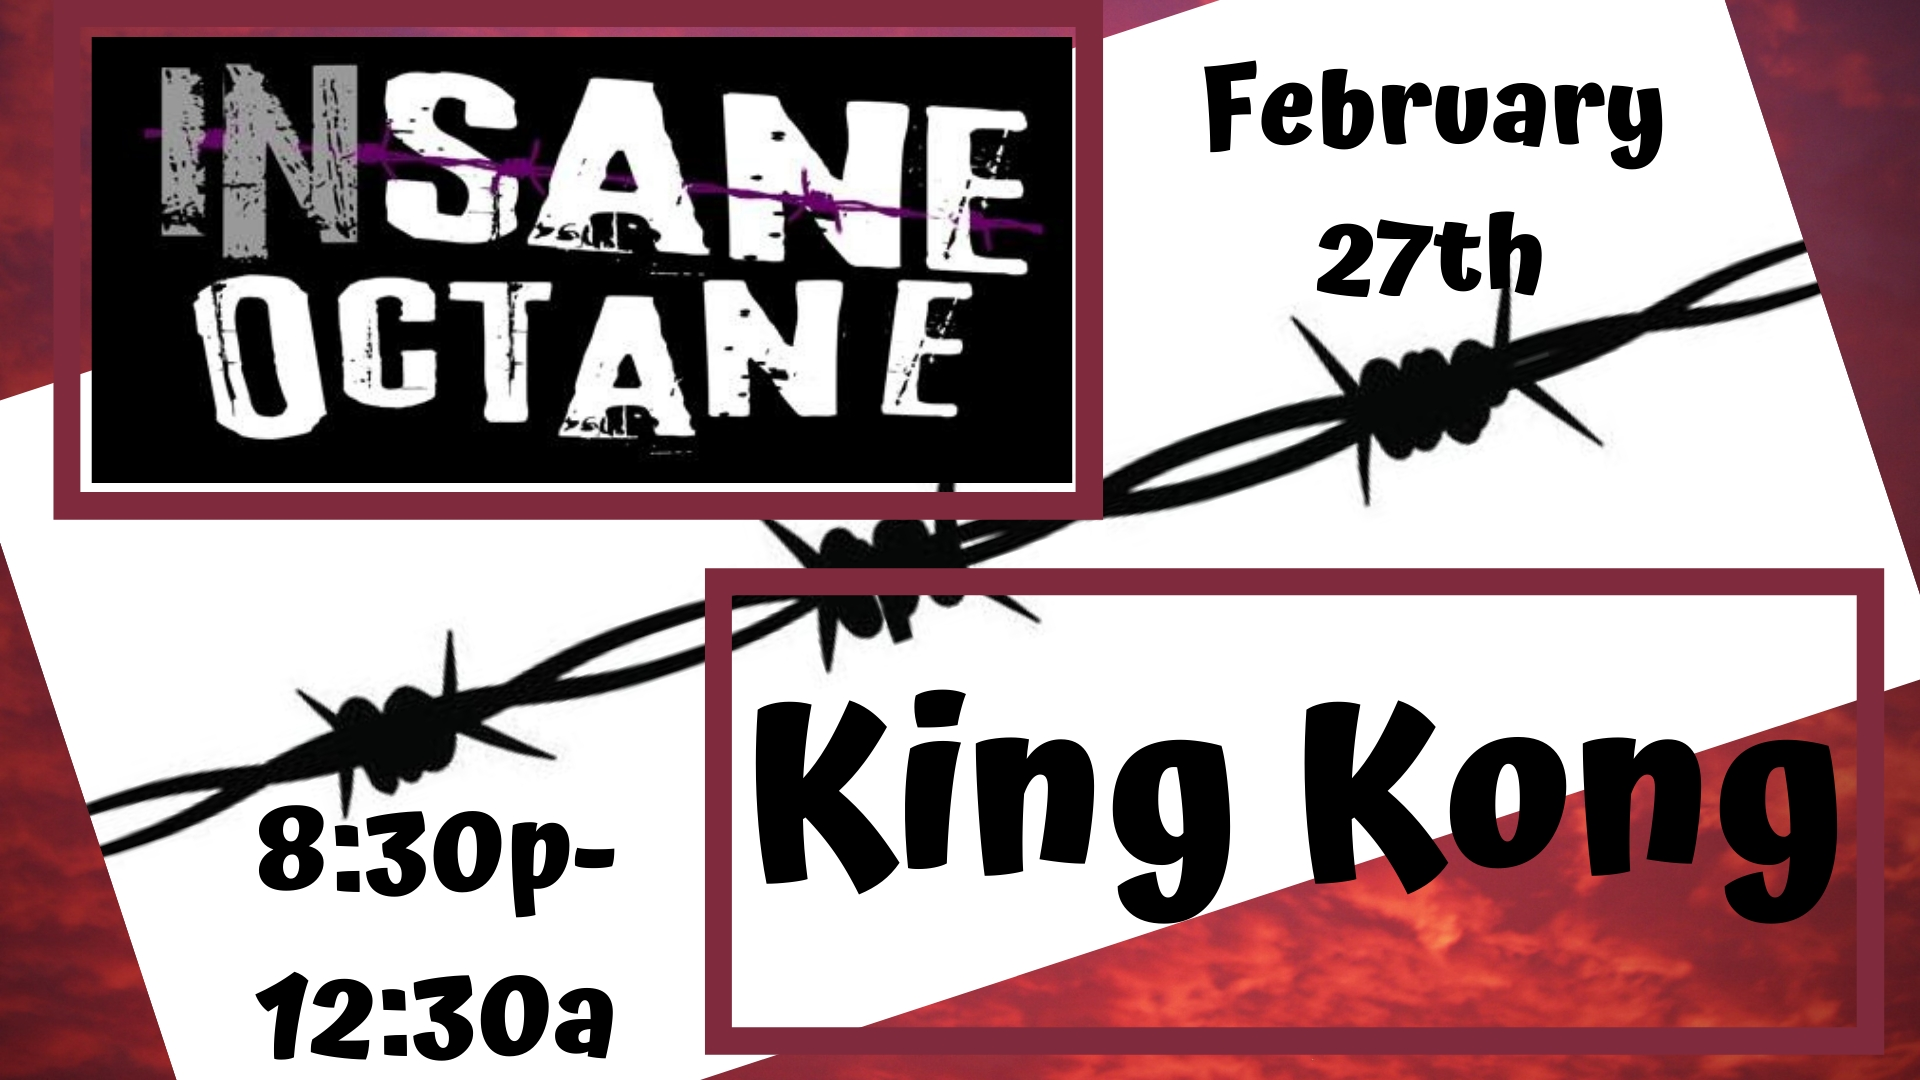 Insane Octane & King Kong